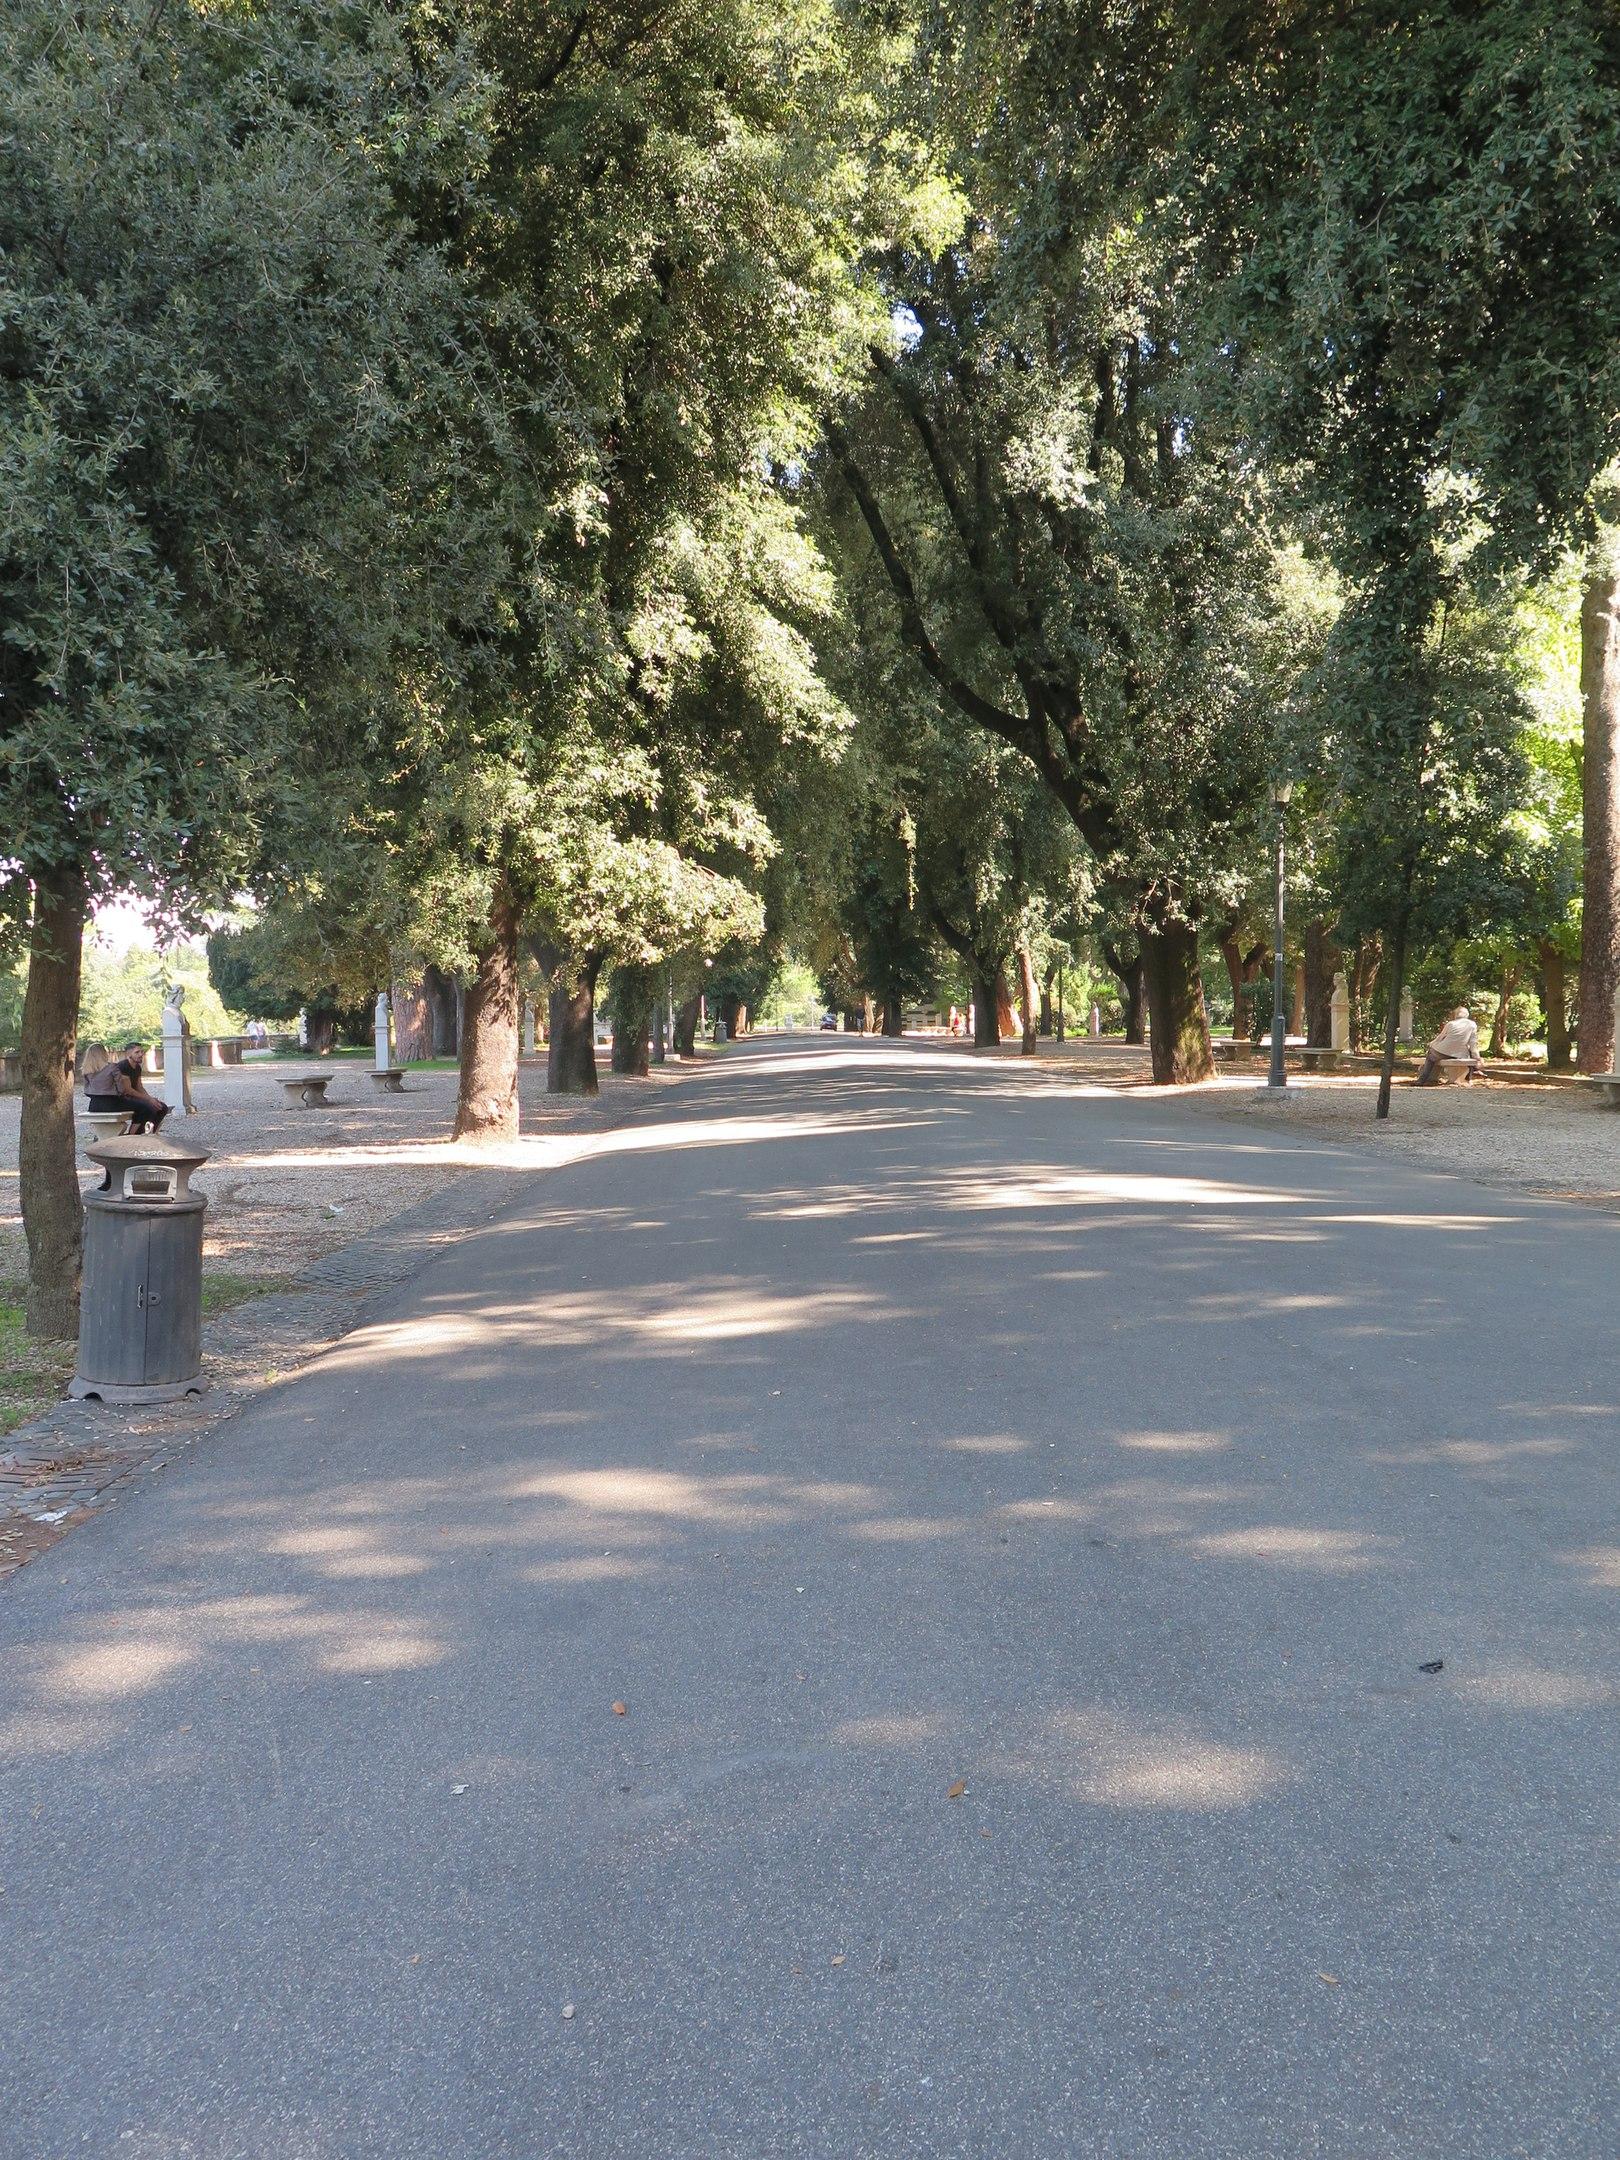 Раком в кустах парка на прогулке видео онлайн скрытой камерой смотреть онлайн фотоография